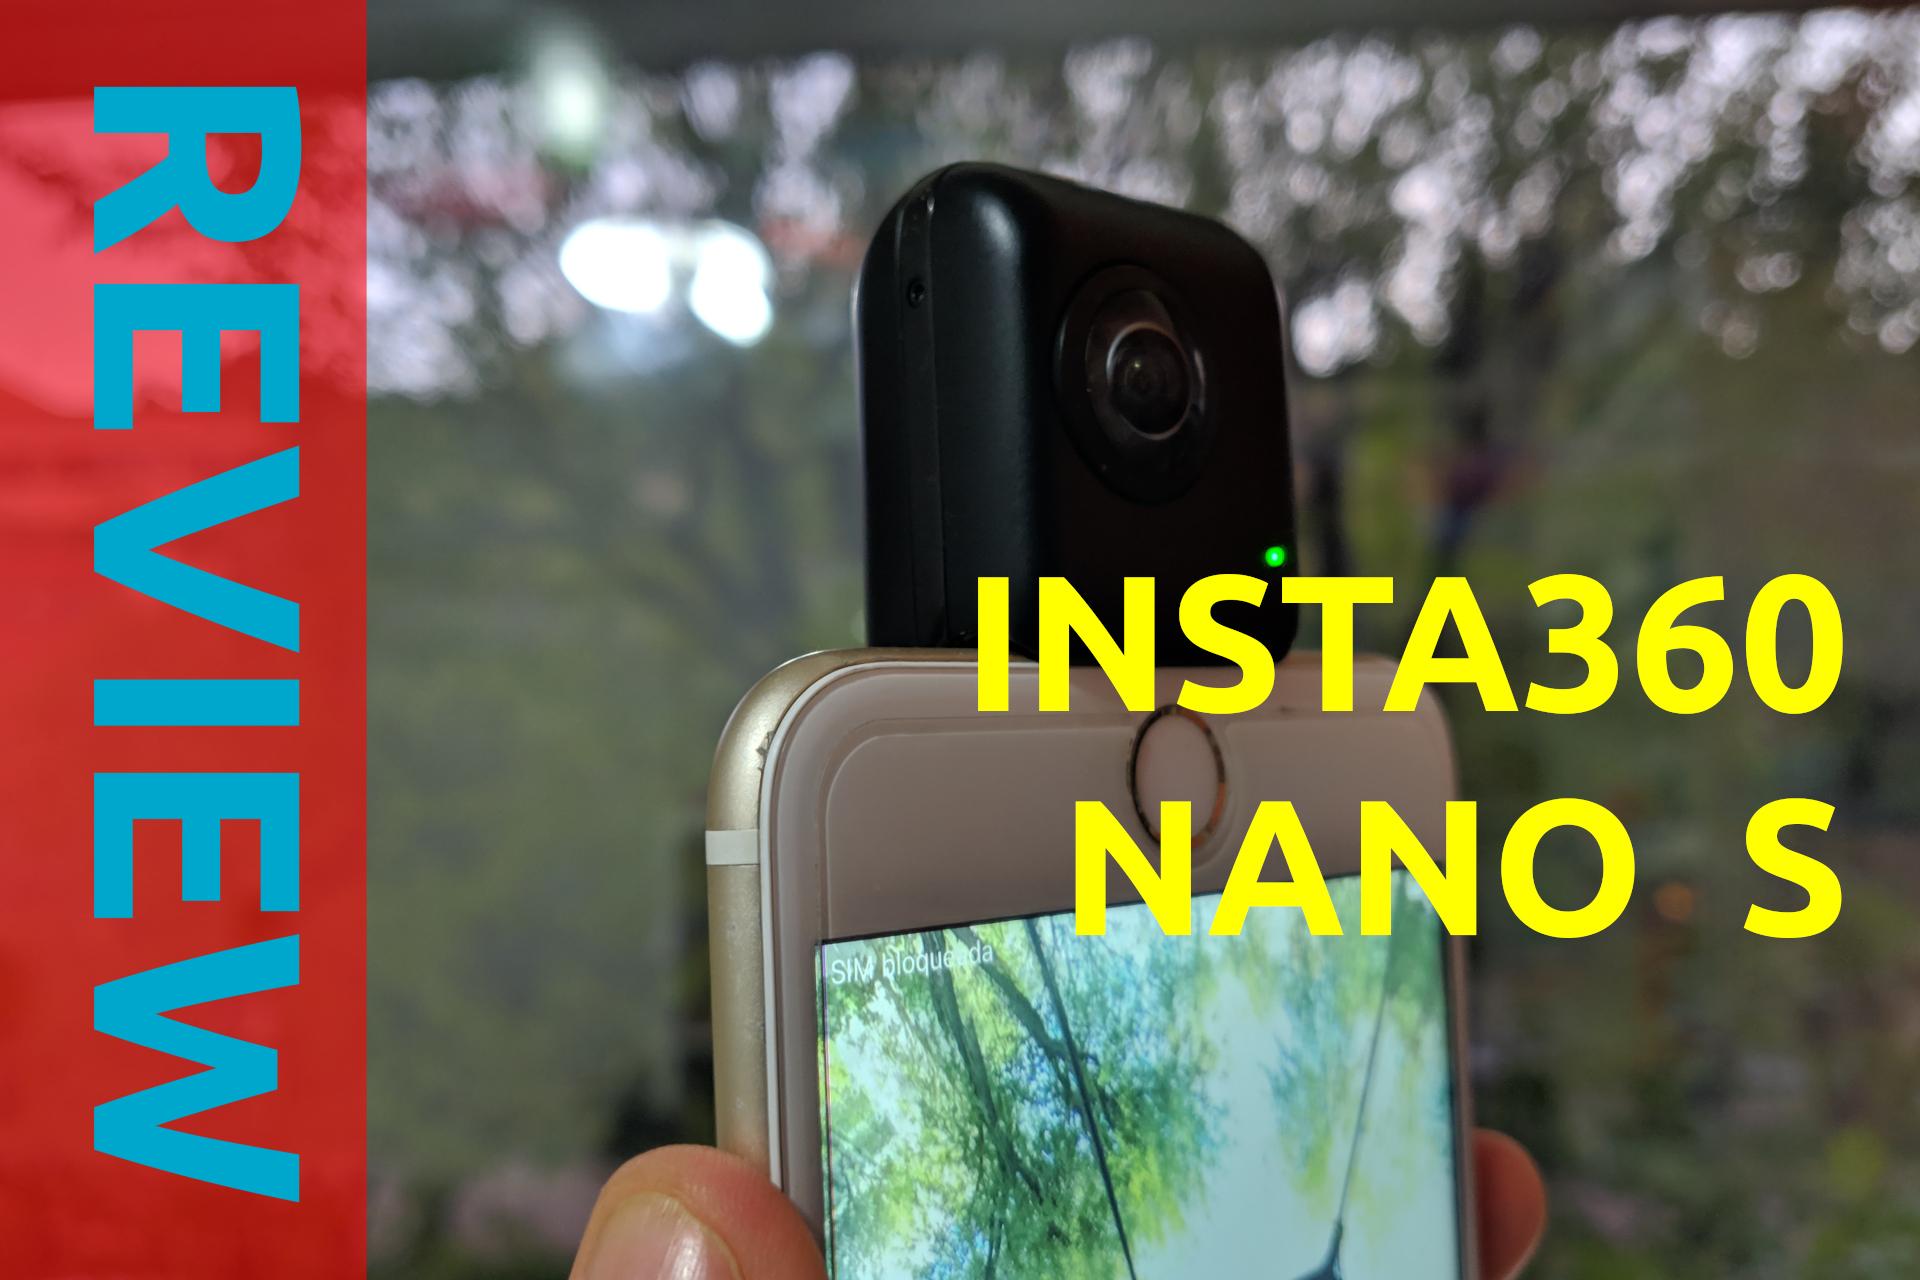 portada review insta360 nano s